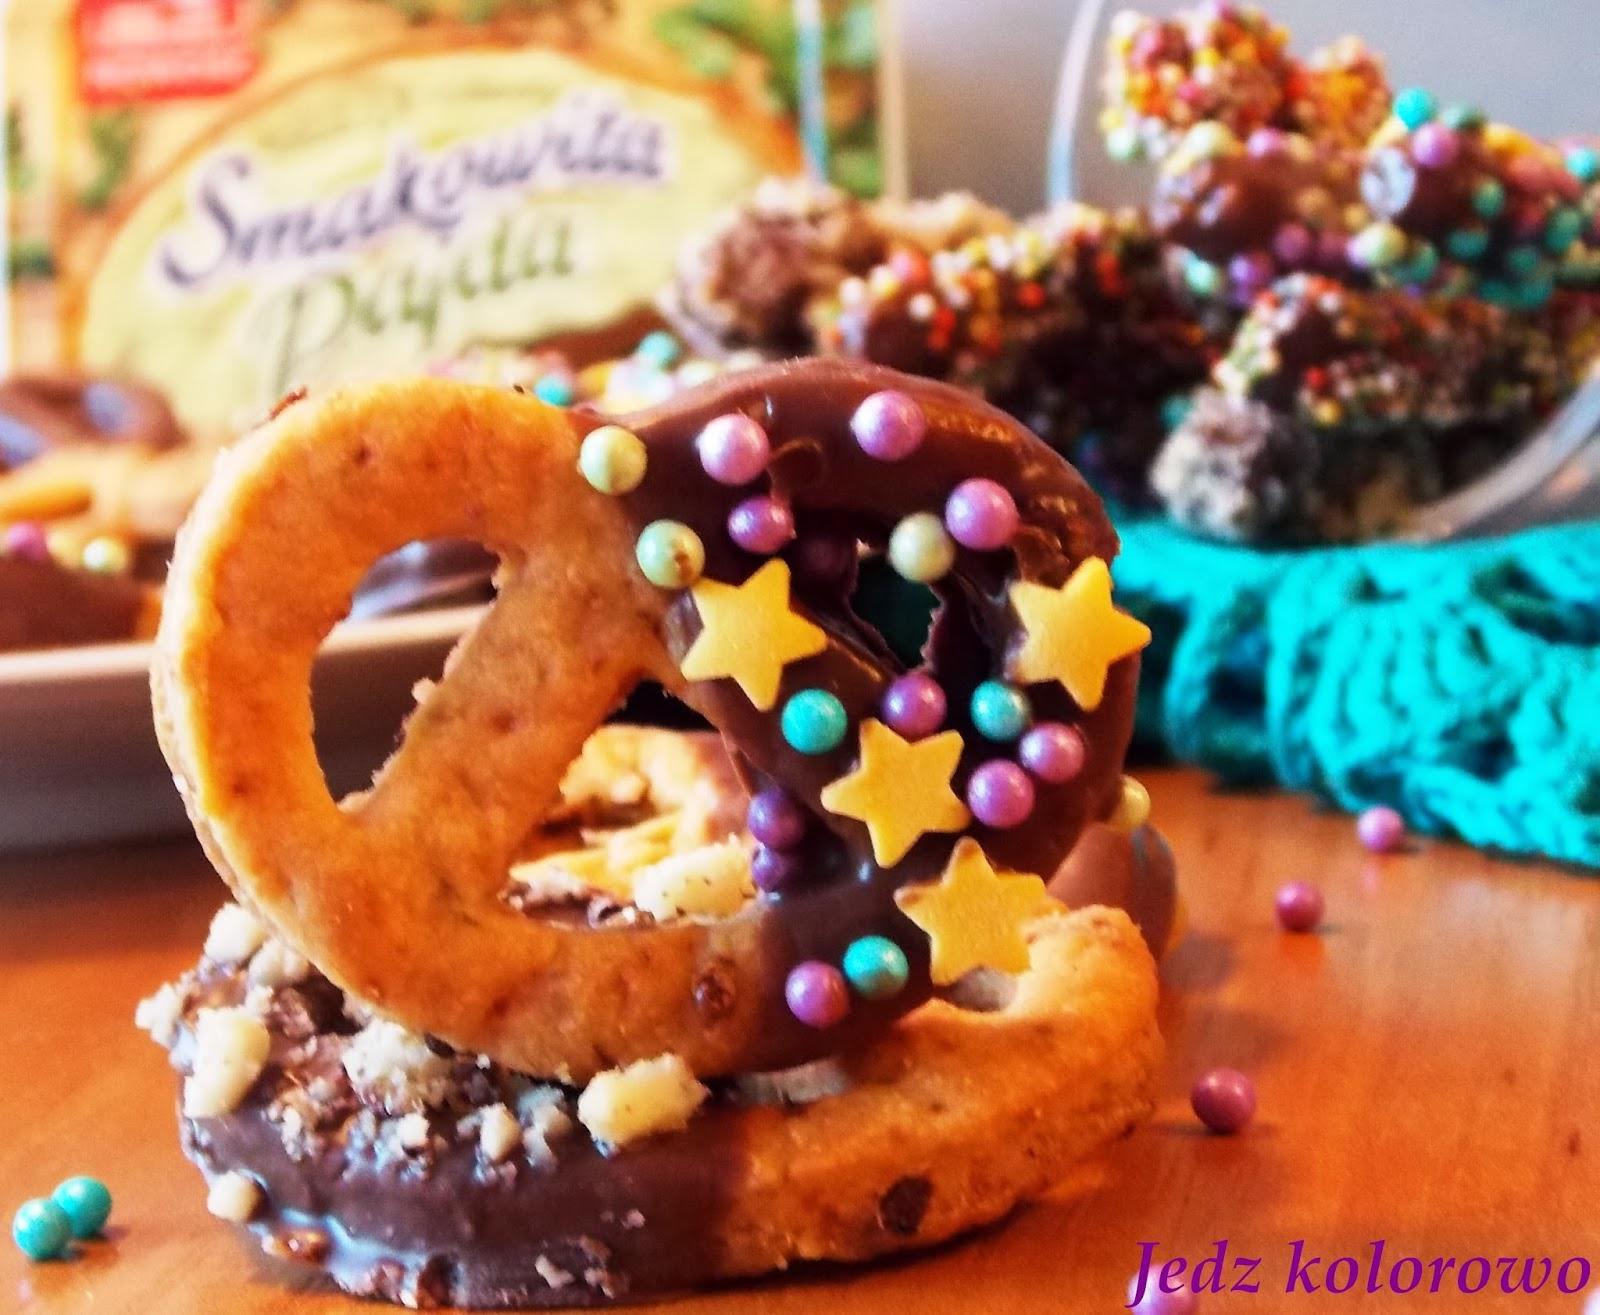 precelki w czekoladzie